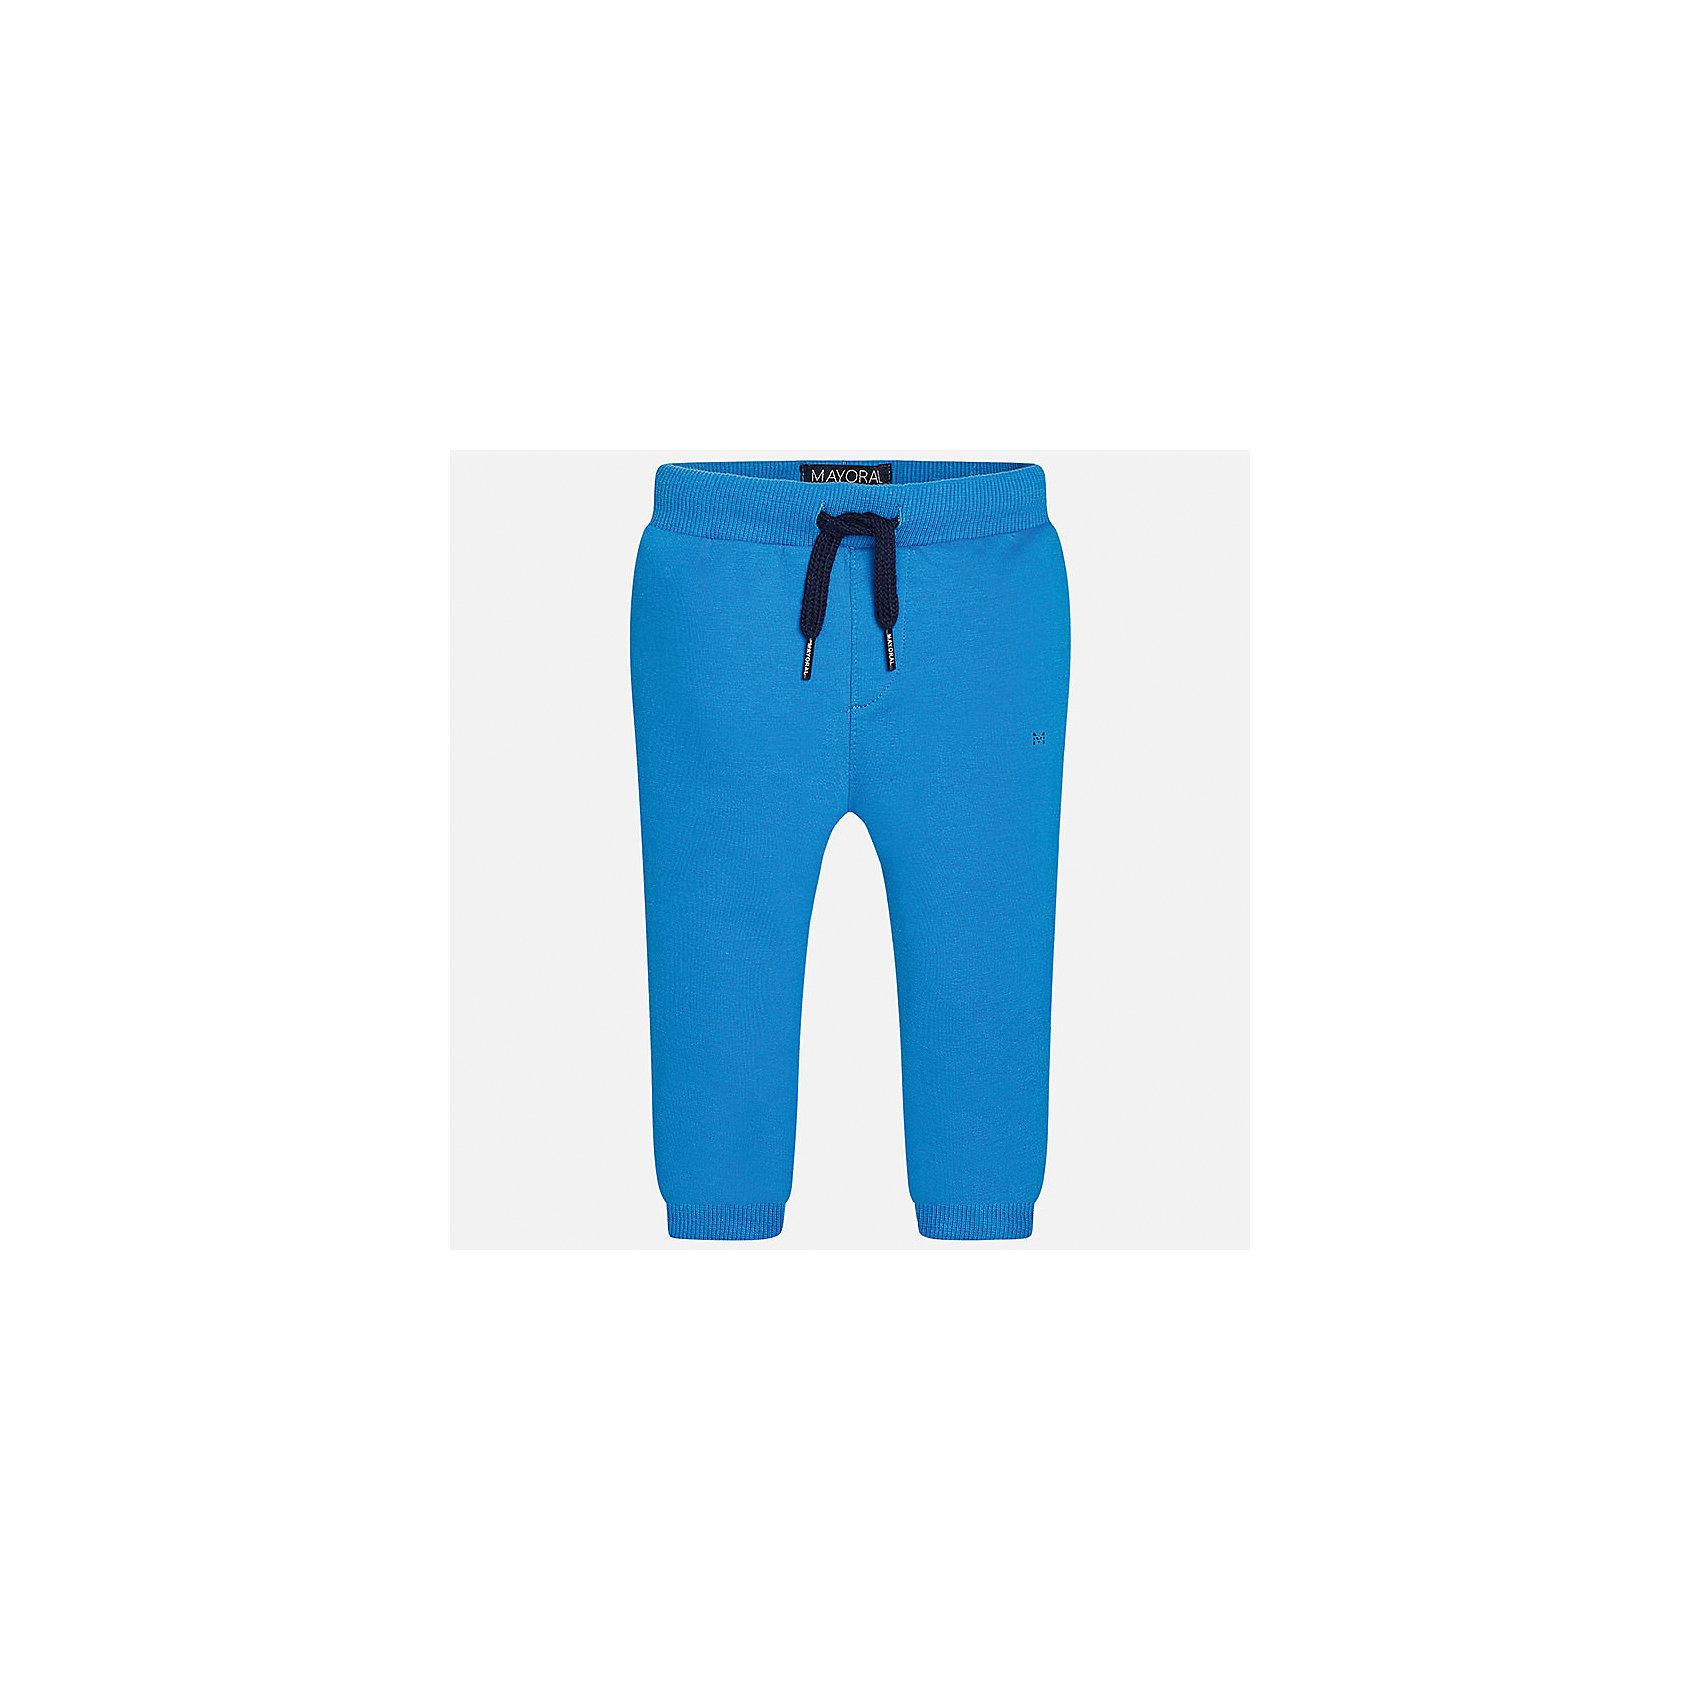 Брюки для мальчика MayoralДжинсы и брючки<br>Характеристики товара:<br><br>• цвет: голубой<br>• состав: 58% хлопок, 38% полиэстер, 4% эластан<br>• спортивный стиль<br>• манжеты<br>• карманы<br>• пояс - широкая резинка и шнурок<br>• страна бренда: Испания<br><br>Спортивные брюки для мальчика помогут обеспечить ребенку комфорт. Они отлично сочетаются с майками, футболками, куртками и т.д. Универсальный крой и цвет позволяет подобрать к вещи верх разных расцветок. Практичное и стильное изделие! В составе материала - натуральный хлопок, гипоаллергенный, приятный на ощупь, дышащий.<br><br>Одежда, обувь и аксессуары от испанского бренда Mayoral полюбились детям и взрослым по всему миру. Модели этой марки - стильные и удобные. Для их производства используются только безопасные, качественные материалы и фурнитура. Порадуйте ребенка модными и красивыми вещами от Mayoral! <br><br>Брюки для мальчика от испанского бренда Mayoral (Майорал) можно купить в нашем интернет-магазине.<br><br>Ширина мм: 215<br>Глубина мм: 88<br>Высота мм: 191<br>Вес г: 336<br>Цвет: синий<br>Возраст от месяцев: 12<br>Возраст до месяцев: 15<br>Пол: Мужской<br>Возраст: Детский<br>Размер: 80,92,86<br>SKU: 5278201